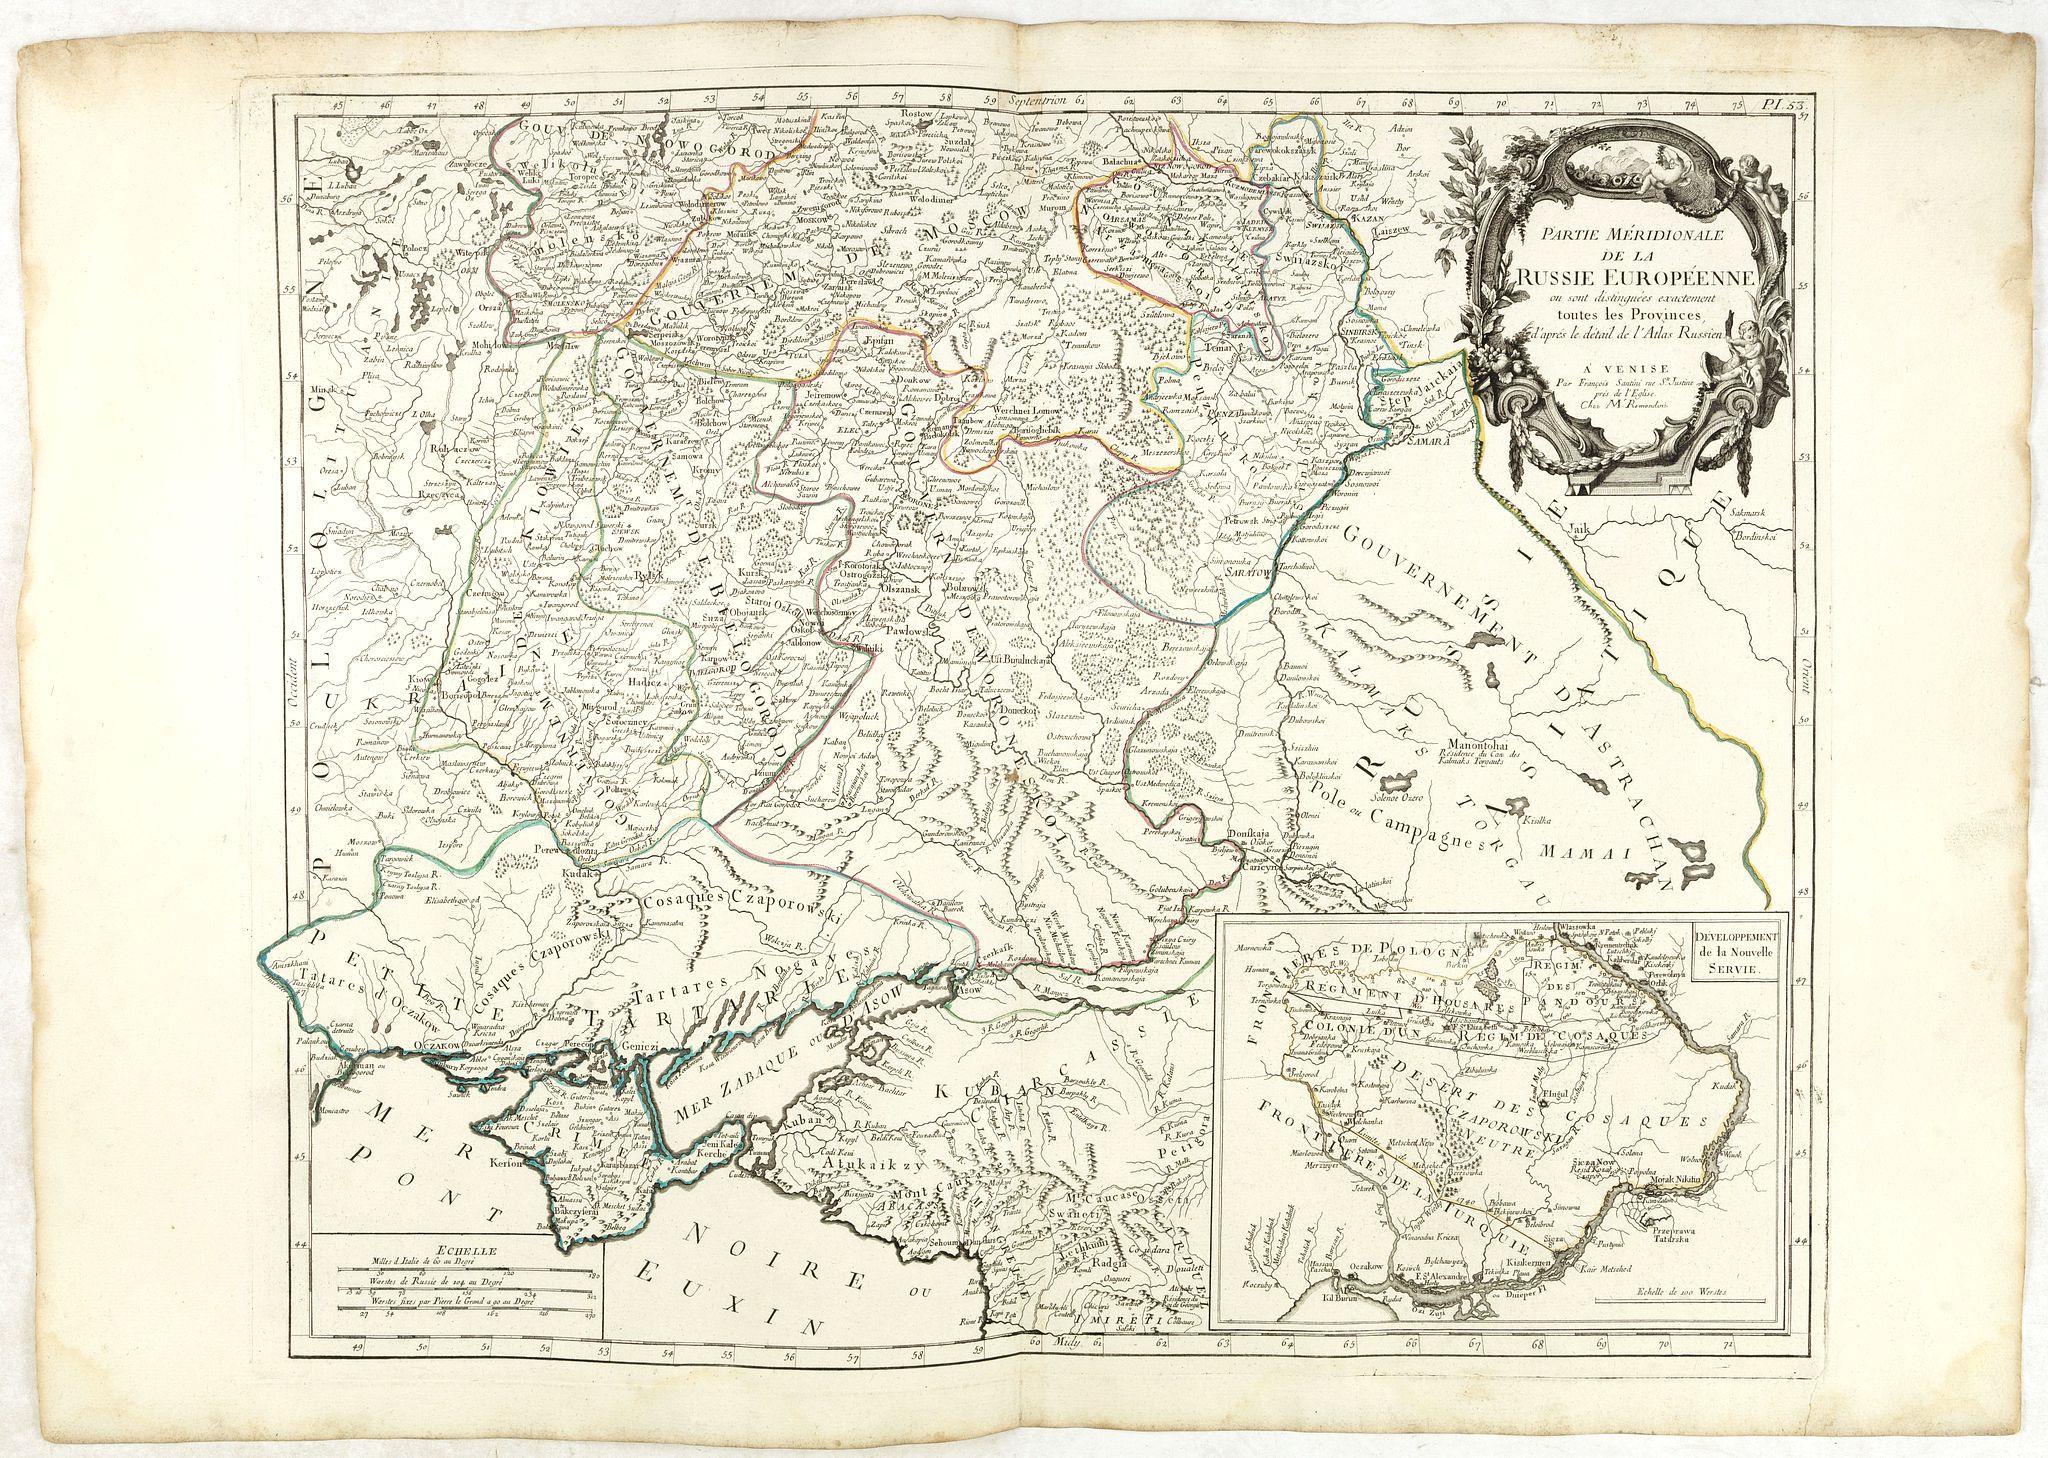 SANTINI, F. / REMONDINI, M. -  Partie Méridionale de la Russie Europeenne ou sont distinguees exactement toutes les Provinces, d'après le detail de l'Atlas Russien.